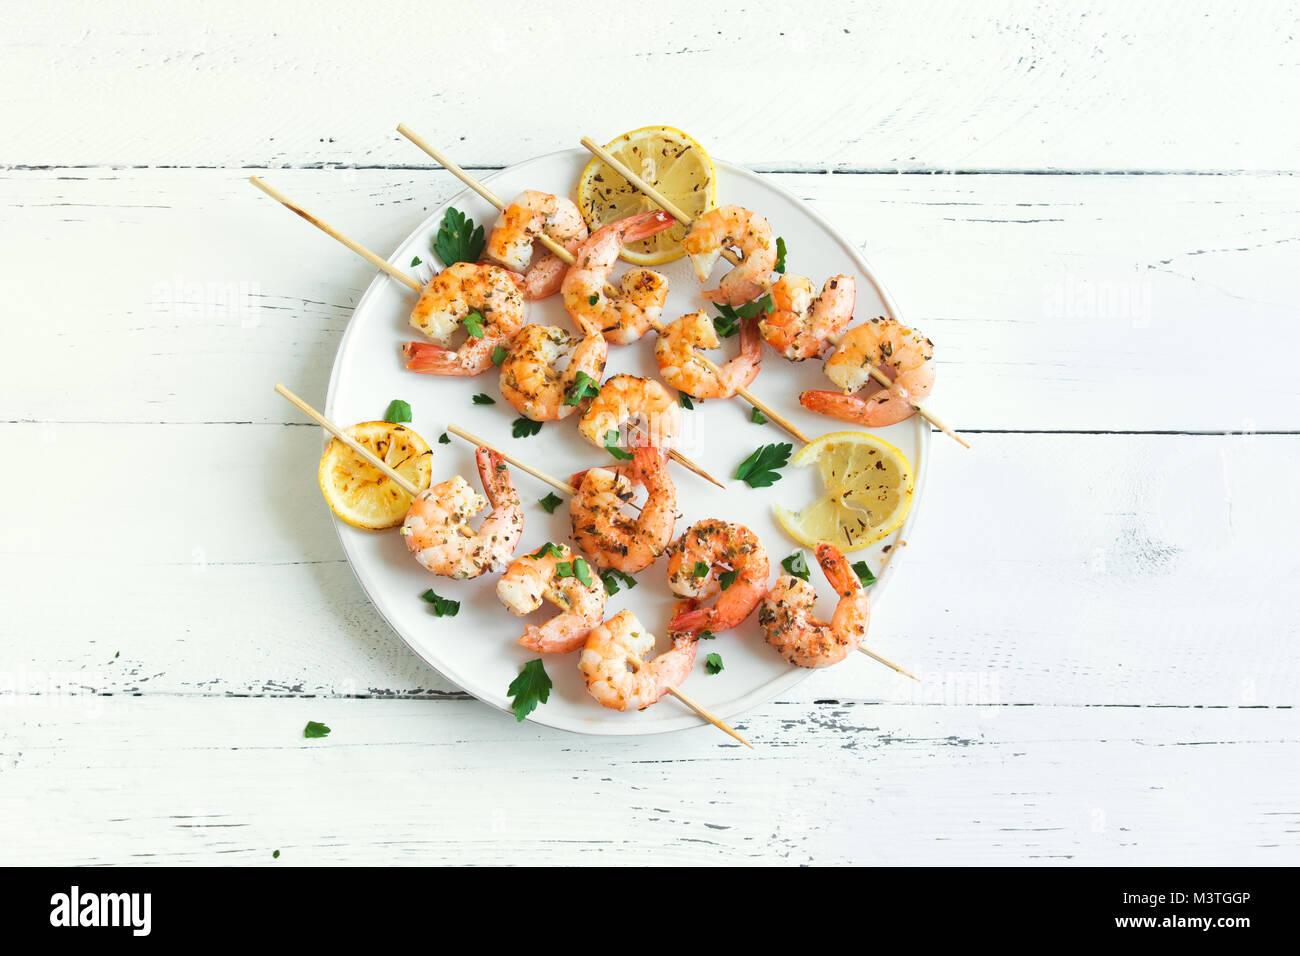 Brochettes de crevettes grillées. Fruits de mer, de bivalves. Brochettes de crevettes crevettes aux épices Photo Stock